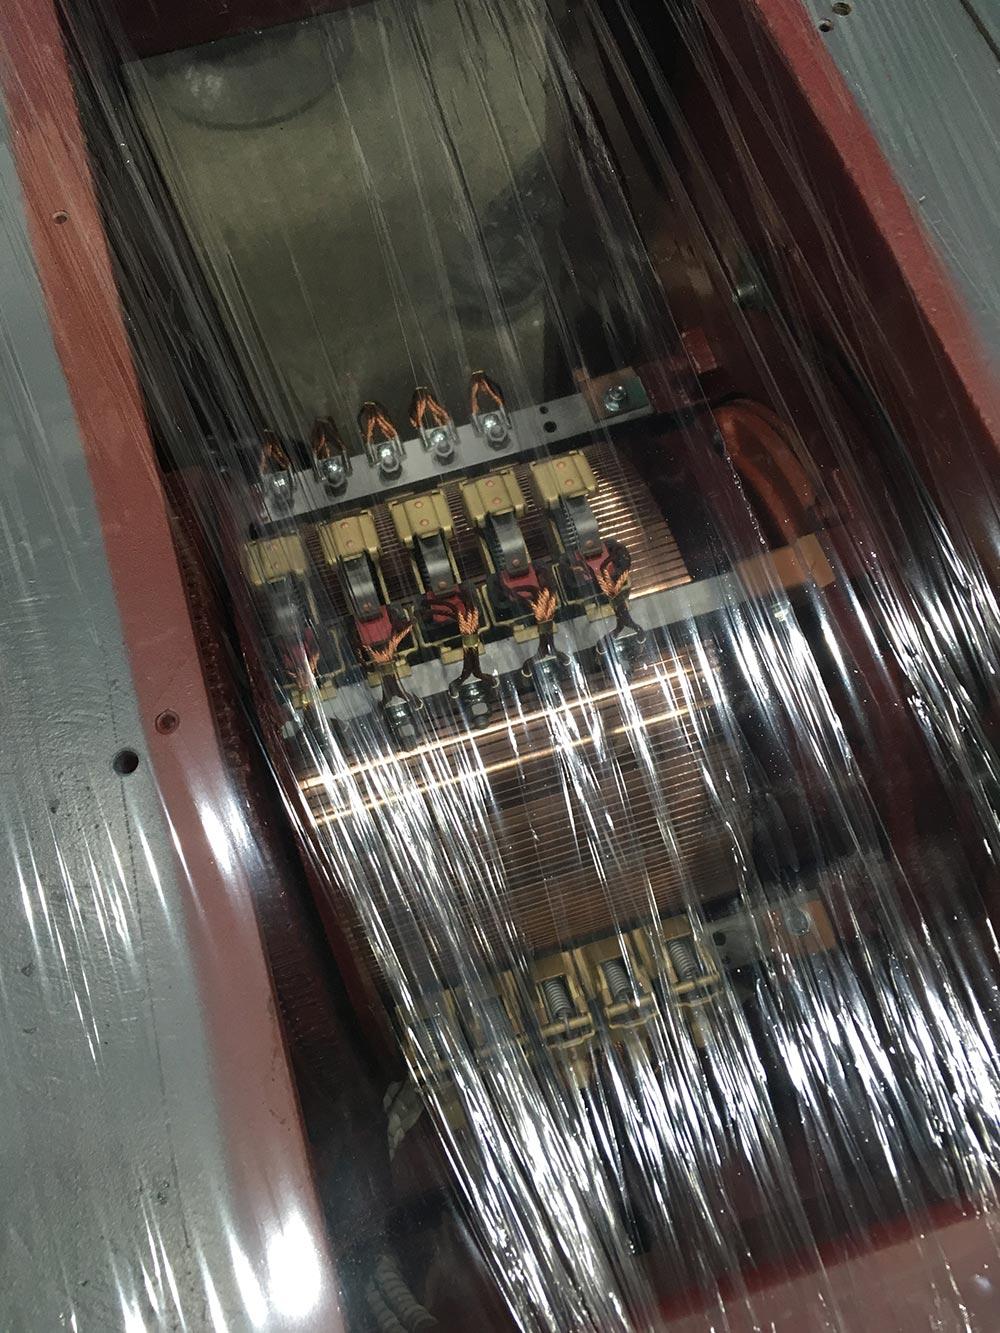 ASEA motor top view through shrink wrap